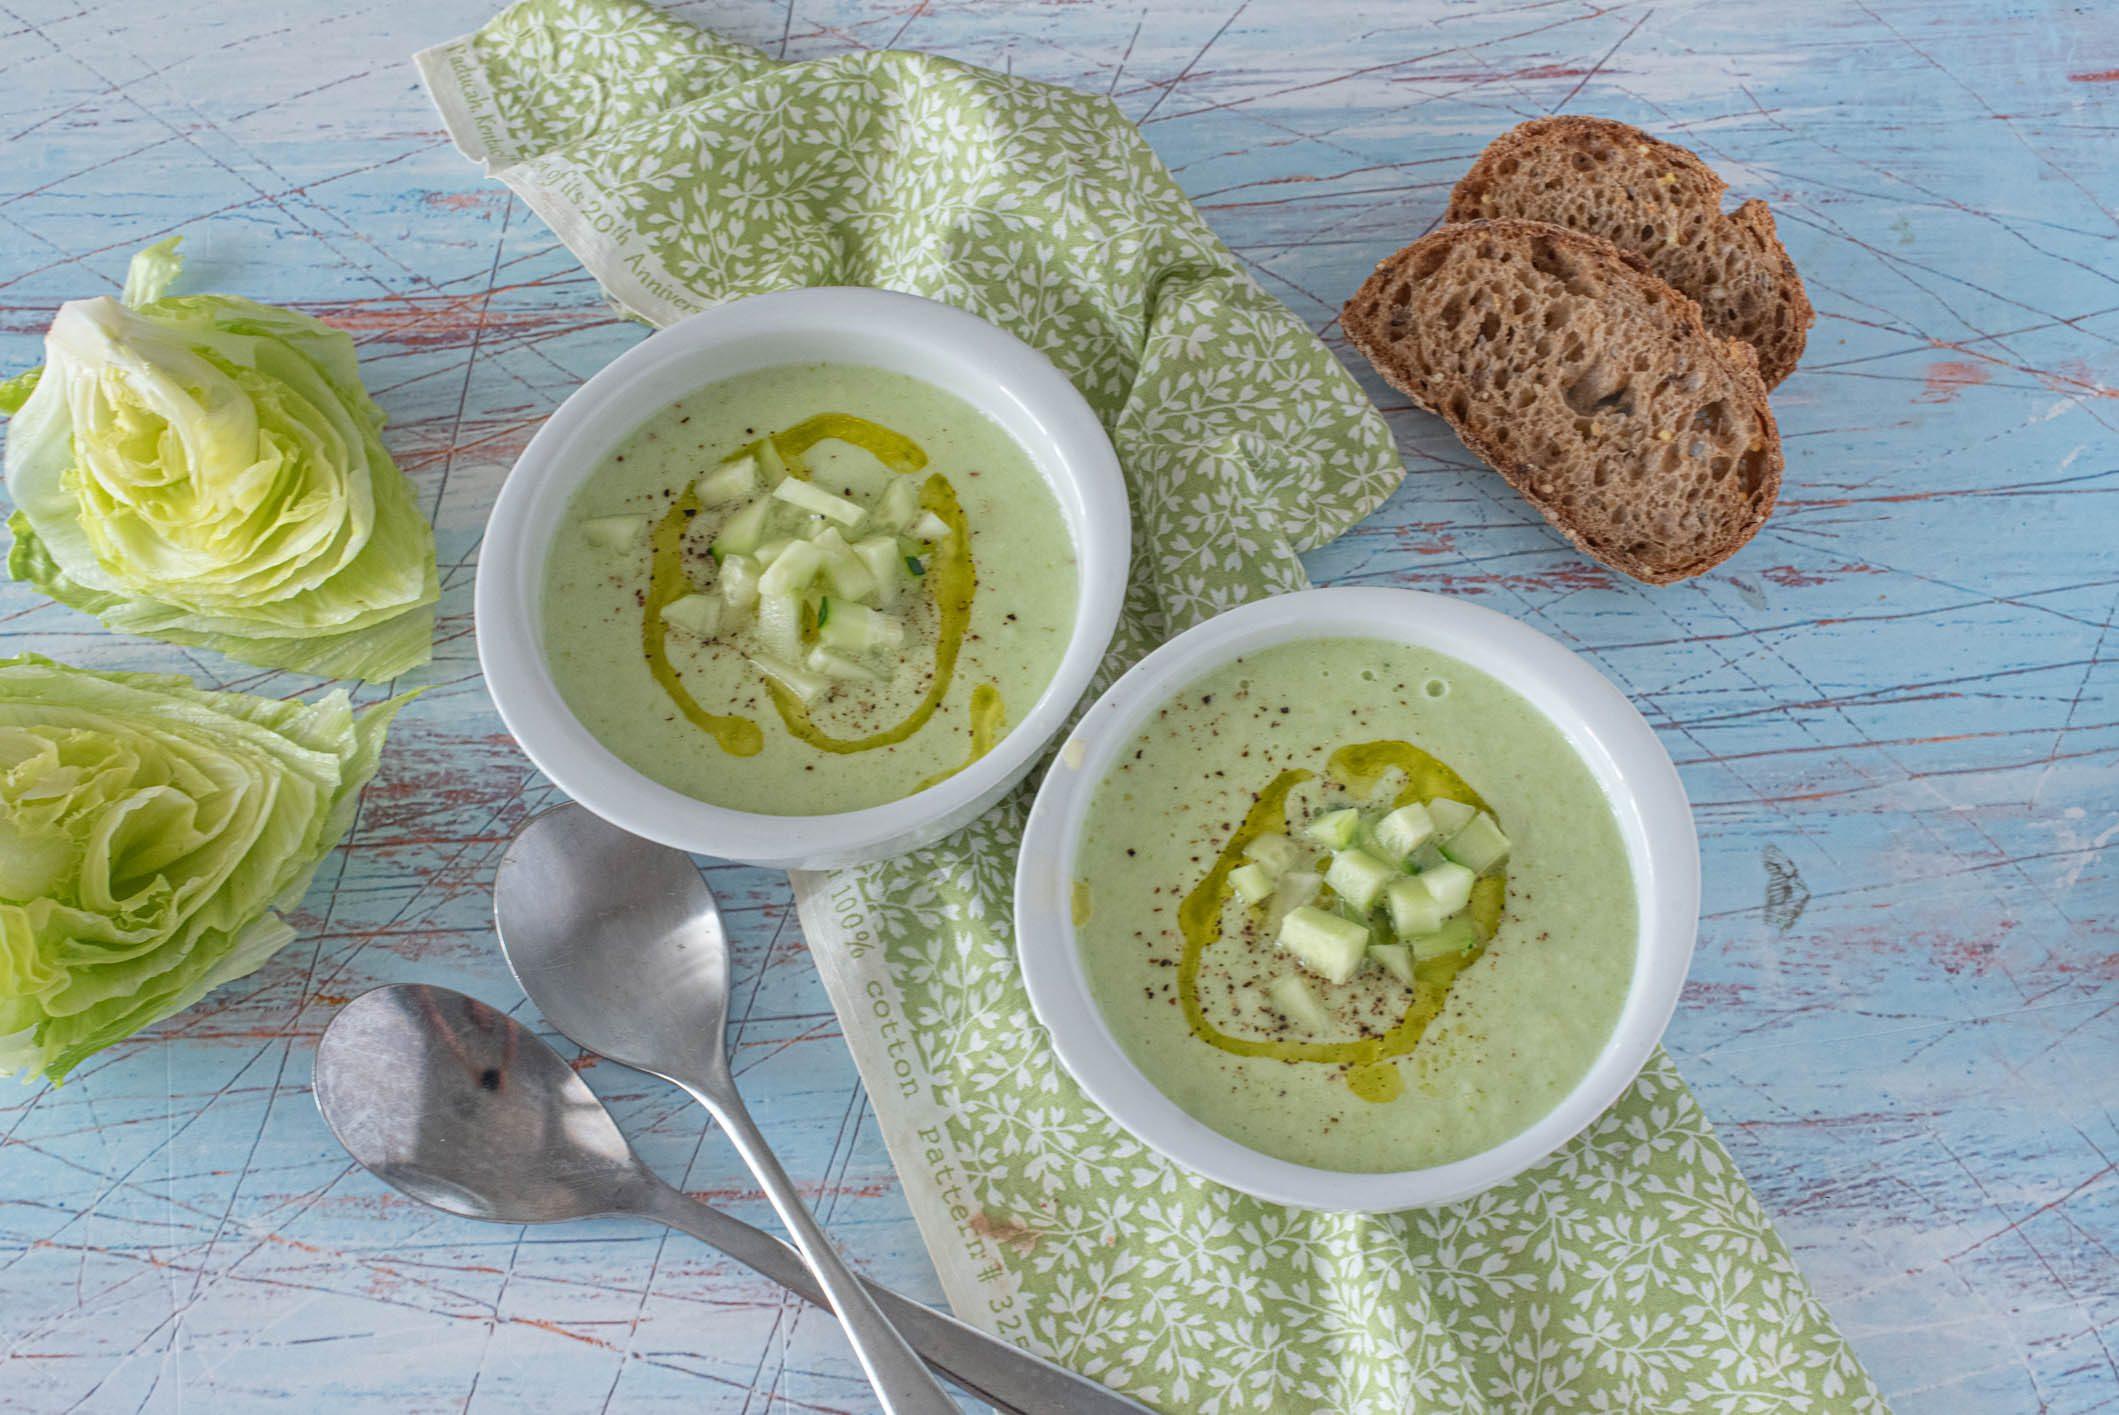 Gazpacho di lattuga: la ricetta della zuppa fresca e leggera